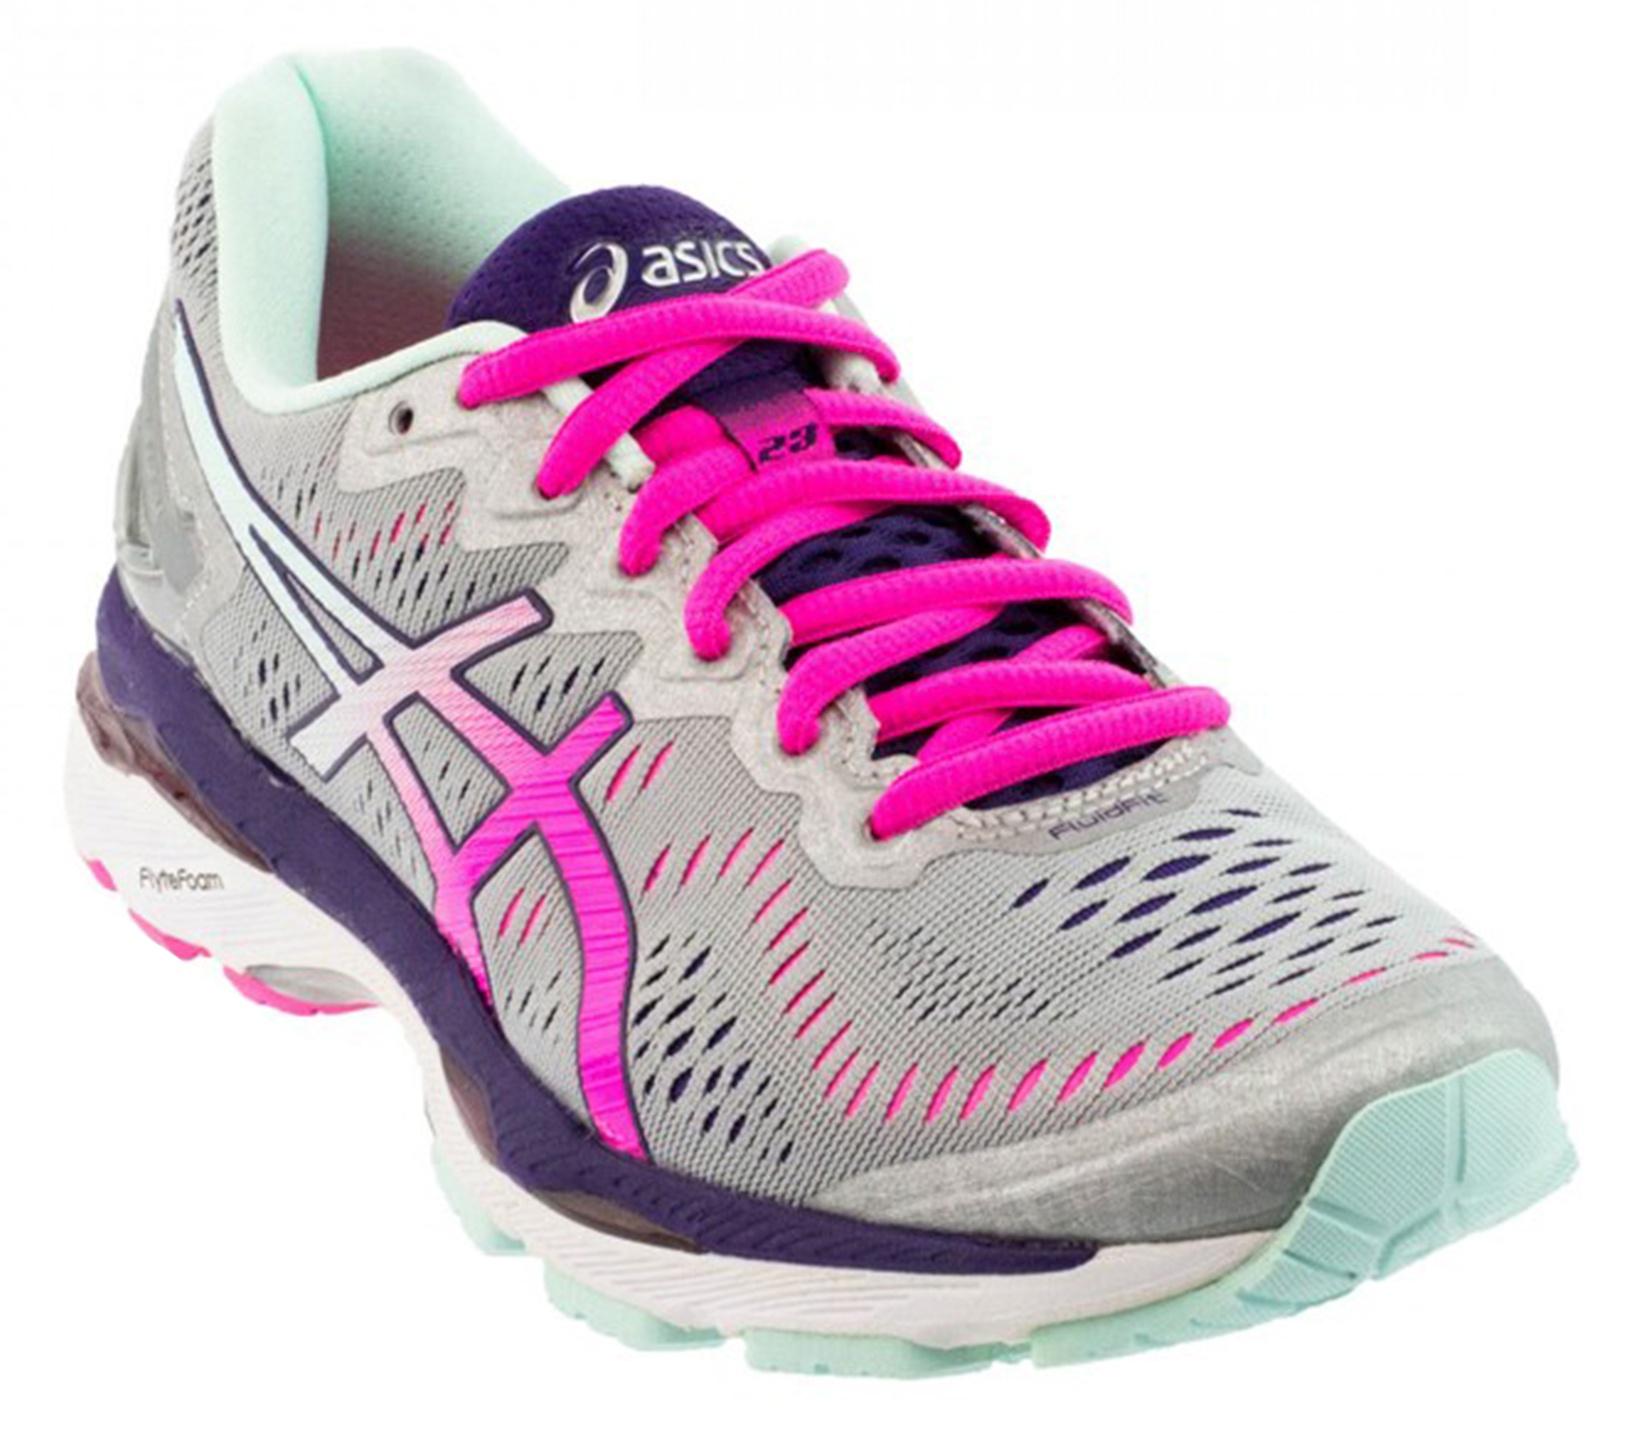 کفش ورزشی زنانه مخصوص دویدن و پیاده روی مدل Gel kayano 23